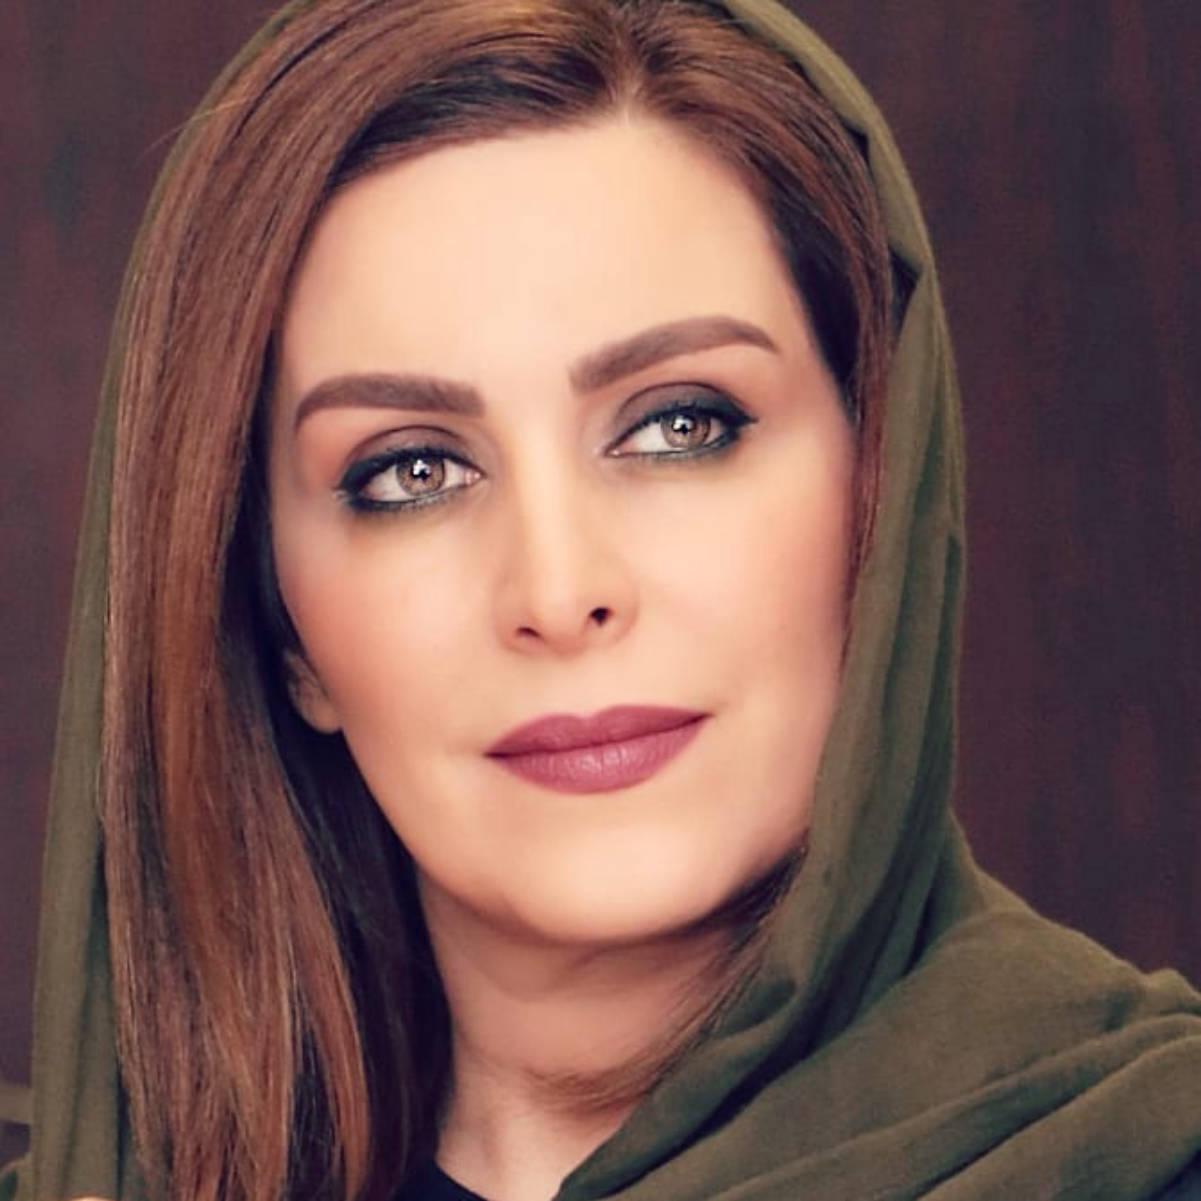 عکس و بیوگرافی مرحوم ماه چهره خلیلی Mahchehreh Khalili